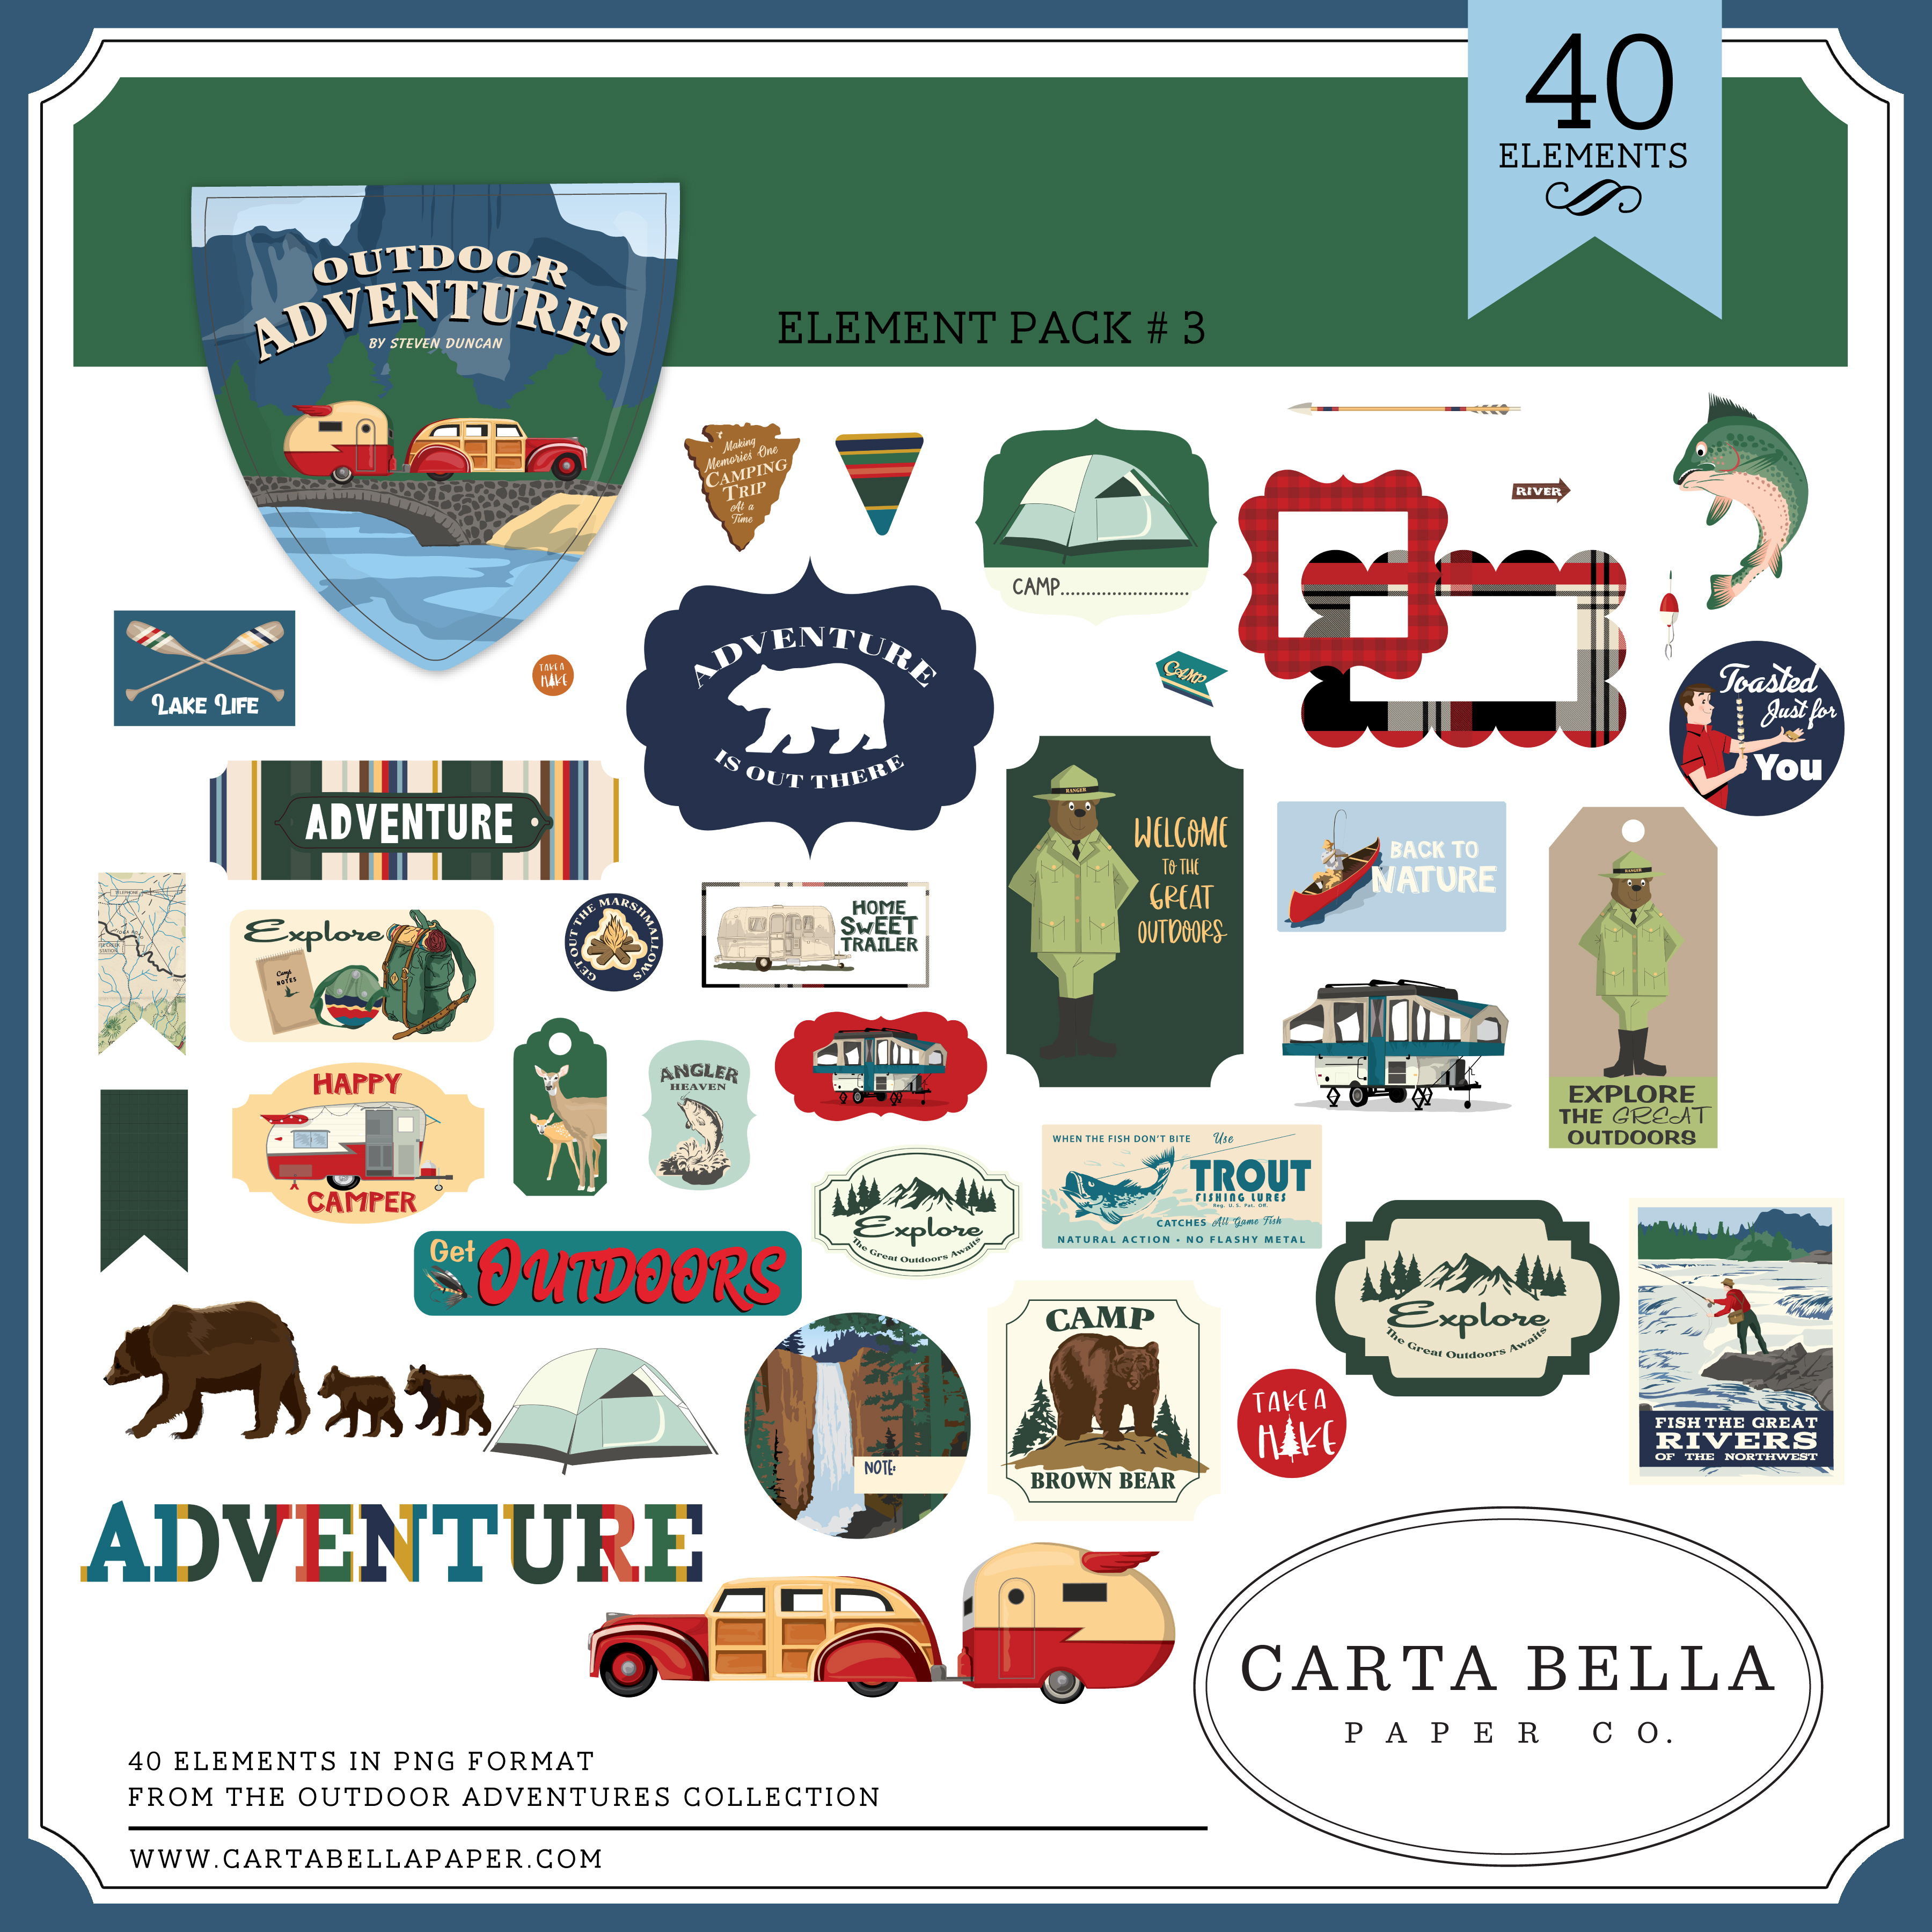 Outdoor Adventures Element Pack #3